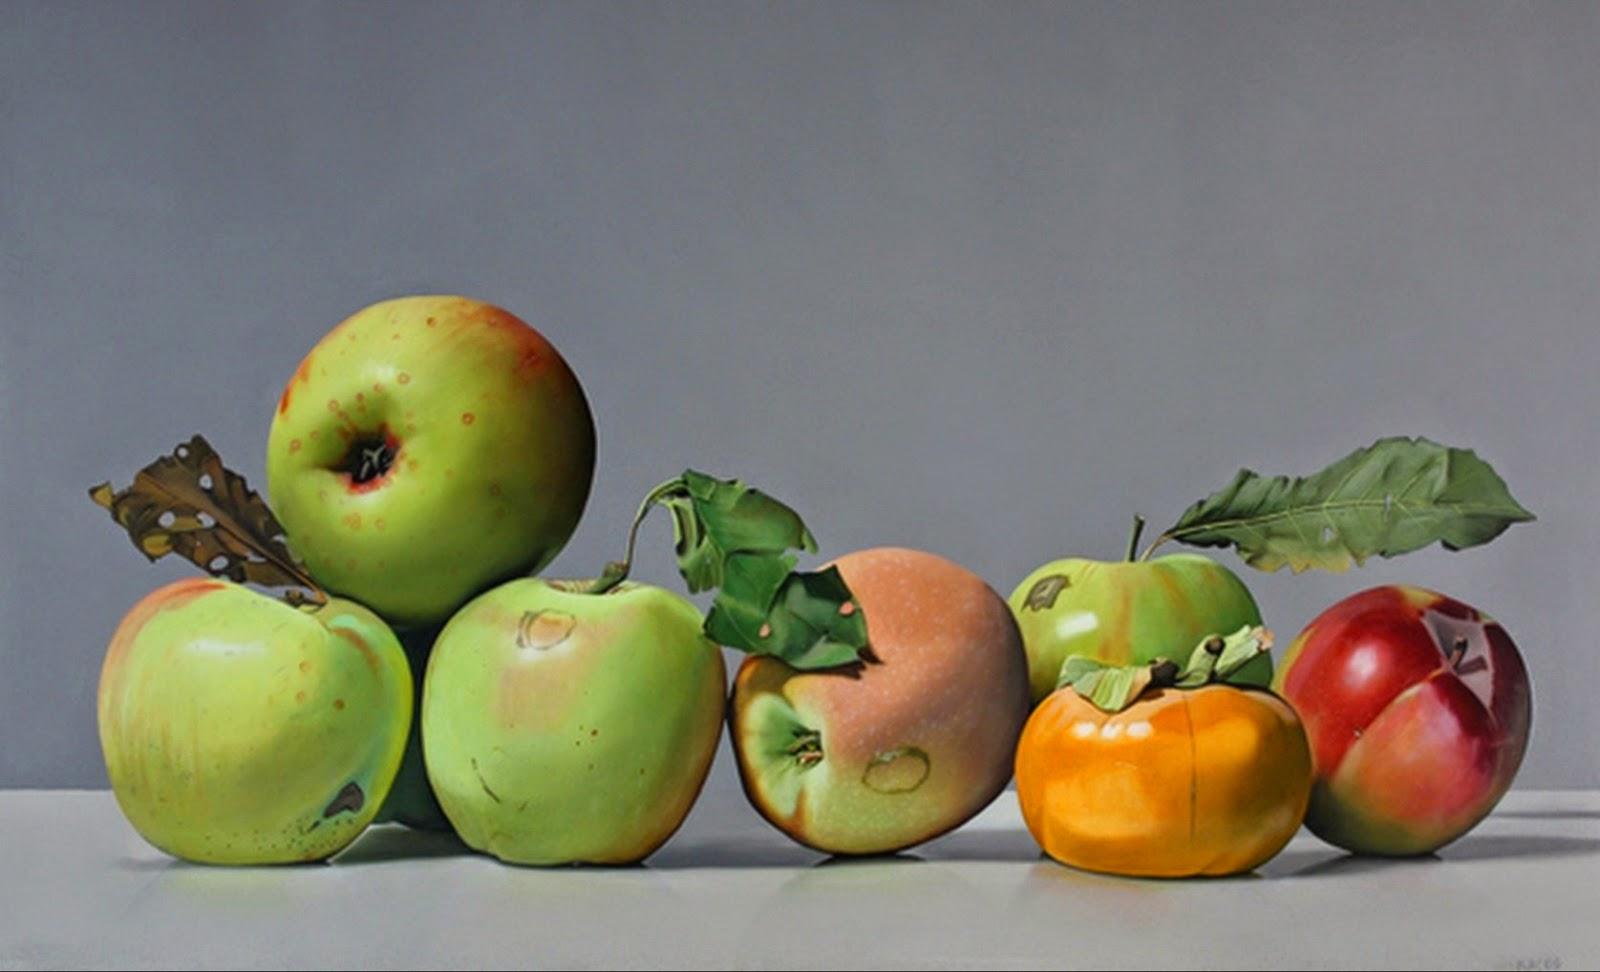 Im genes arte pinturas bodegones cuadros de frutas - Fotos de bodegones de frutas ...